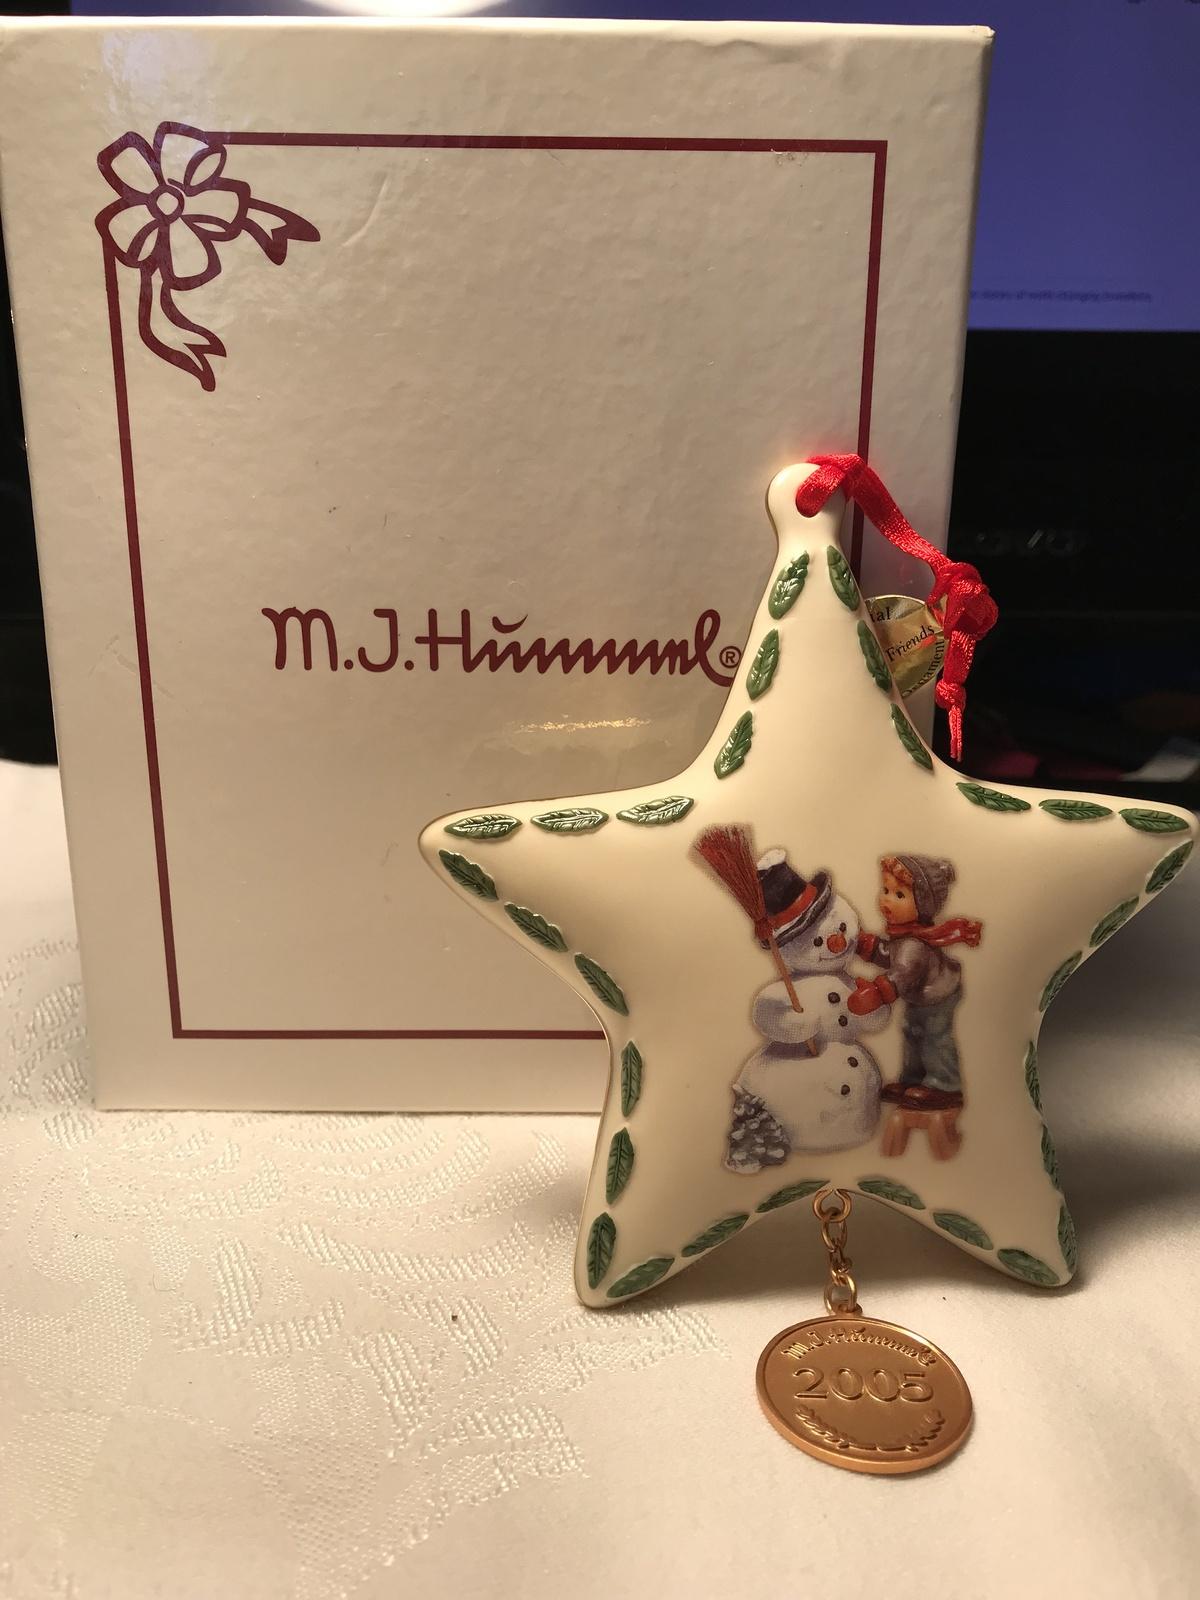 """M.J. Hummel """"Making New Friends"""" Star Ornament by Danbury Mint 2005"""